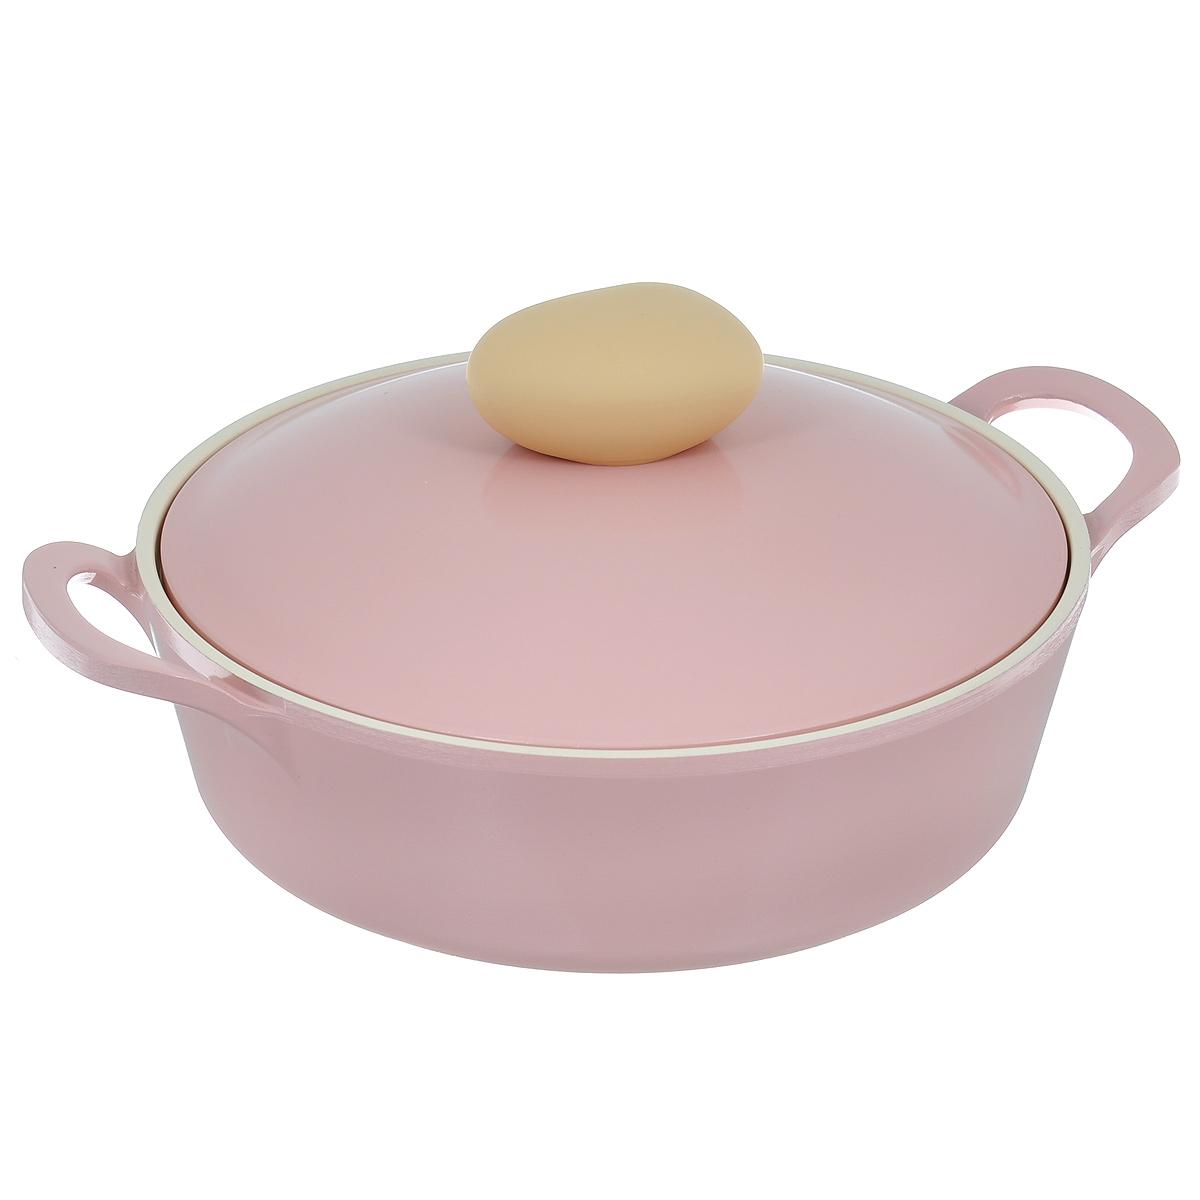 Жаровня Frybest Round с крышкой, с керамическим покрытием, цвет: розовый, 2 лROUND L22-PЖаровня Frybest Round выполнена из алюминия с внутренним и внешним керамическим покрытием Ecolon Superior. Такое покрытие устойчиво к повреждениям и не содержит вредных компонентов, так как изготовлено из натуральных материалов. Жаровня оснащена удобными литыми алюминиевыми ручками и крышкой с пароотводом и прорезиненной ручкой из высококачественного пластика. Коллекция Round - это сочетание непревзойденного качества и элегантности.Ключевые преимущества:- Литой алюминиевый корпус хорошо проводит тепло и равномерно нагревается, обеспечивая наиболее эффективное приготовление пищи,- Крепления ручек не имеют заклепок на внутренней стороне посуды,- Внешнее и внутреннее покрытие устойчиво к царапинам и повреждениям,- Покрытие абсолютно нейтрально и не вступает в реакцию с пищей,- Легко моется,- Утолщенное дно для лучшего распространения тепла и экономии энергии,- Благодаря равномерно прогревающейся алюминиевой крышке в процессе приготовления блюд создается эффект томления, еда готовится быстрее и приобретает более насыщенный вкус и аромат,- Встроенный в крышку пароотвод предотвращает выкипание,- Уникальная технология напыления стальных частиц на дно изделия,- Не содержит PFOA. Можно мыть в посудомоечной машине. Подходит для электрических, газовых, стеклокерамических, индукционных плит.